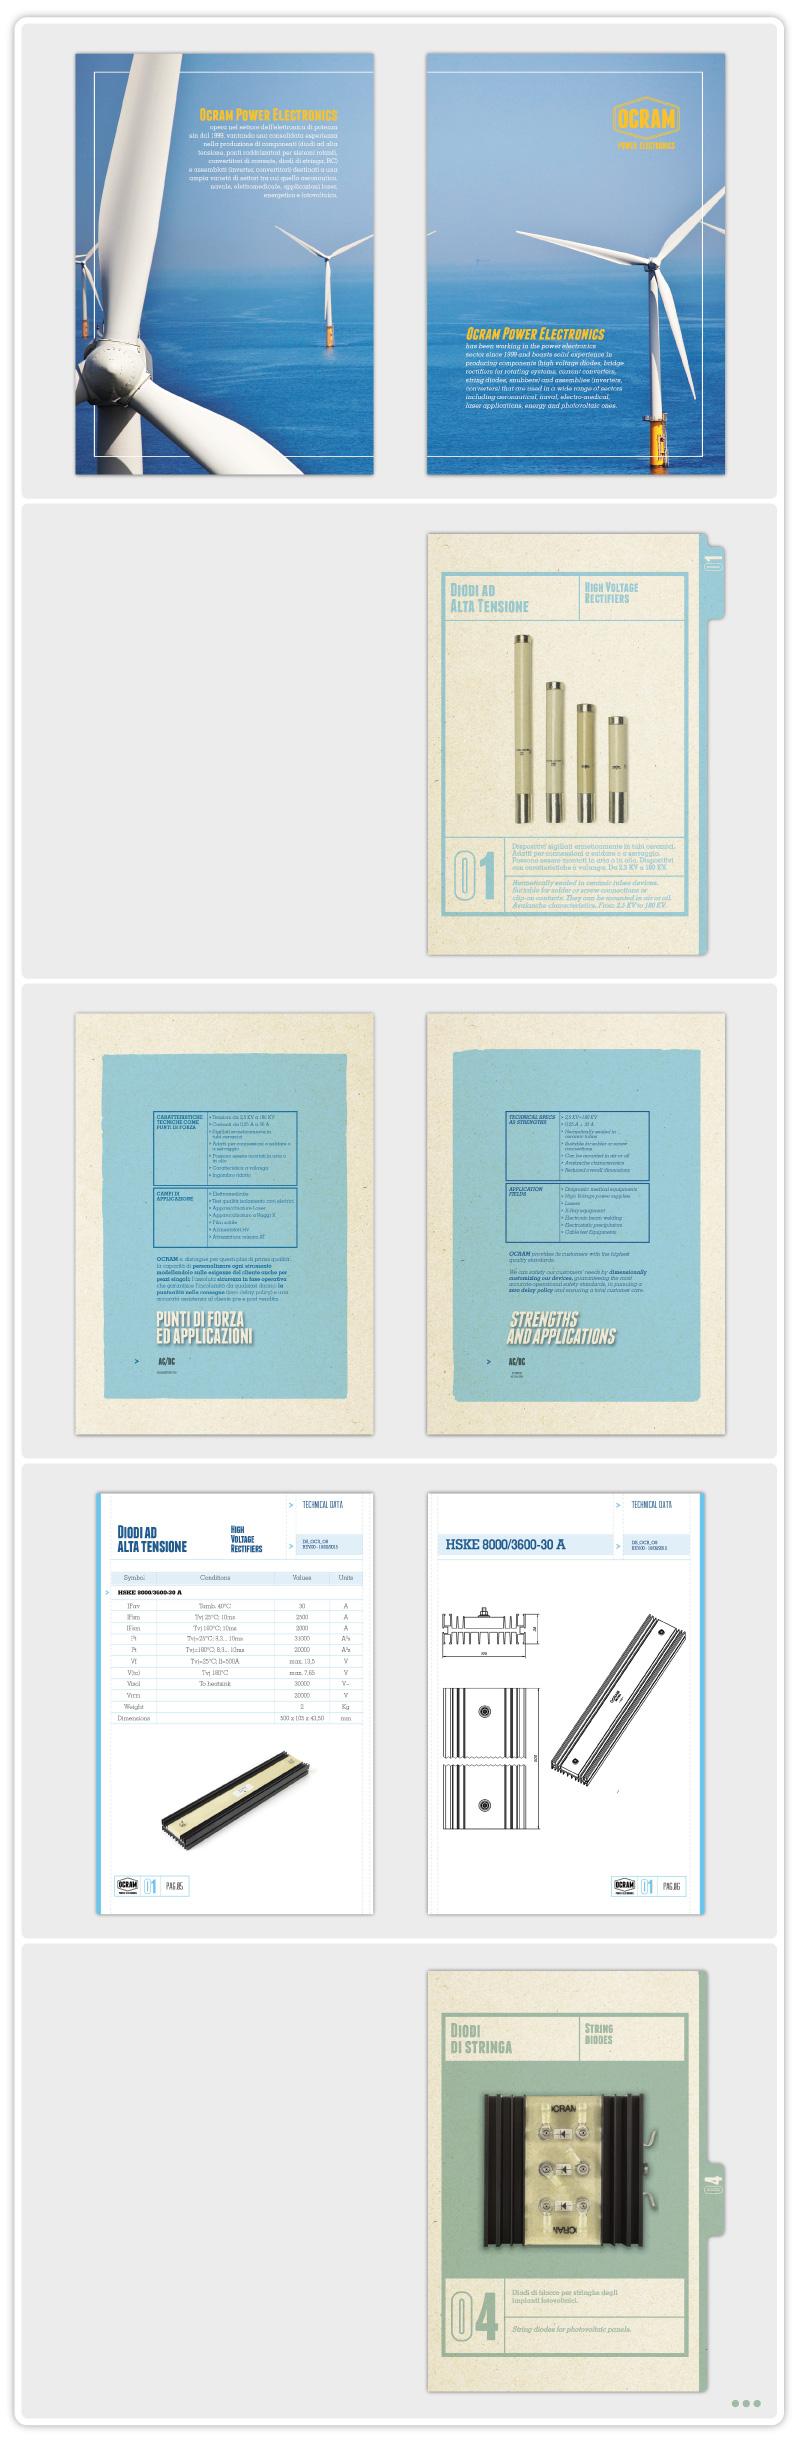 OCRAM technical catalogue